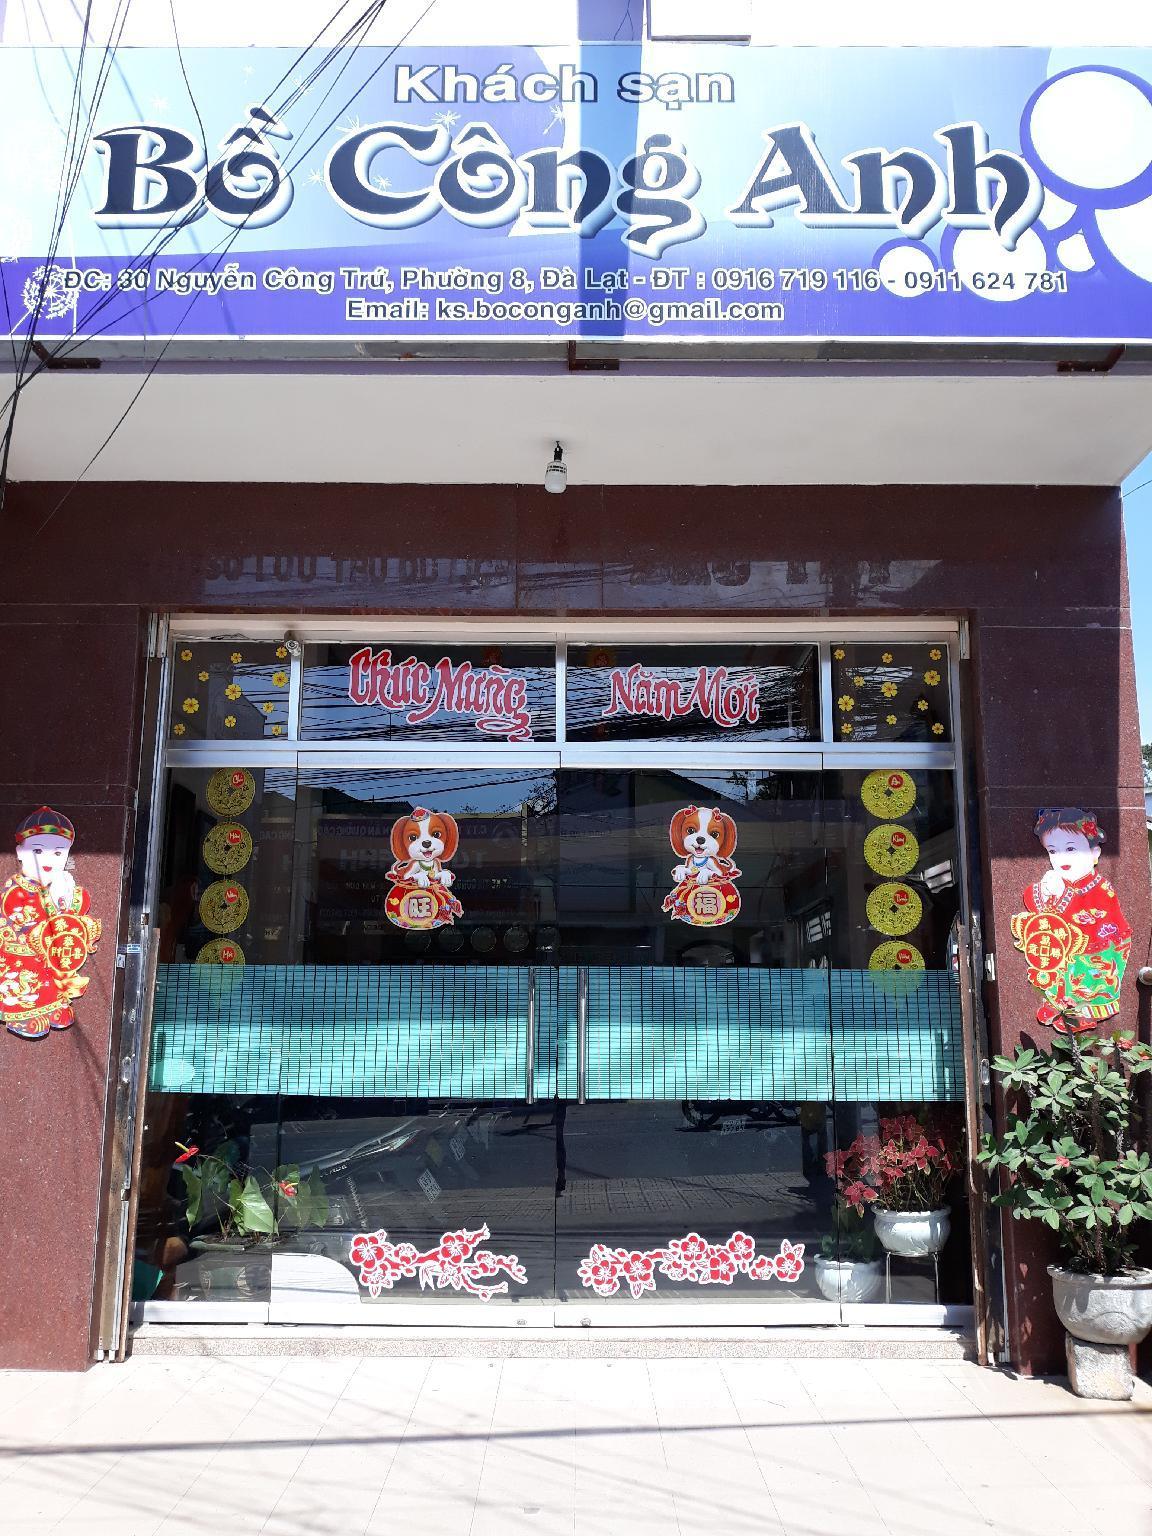 Bo Cong Anh